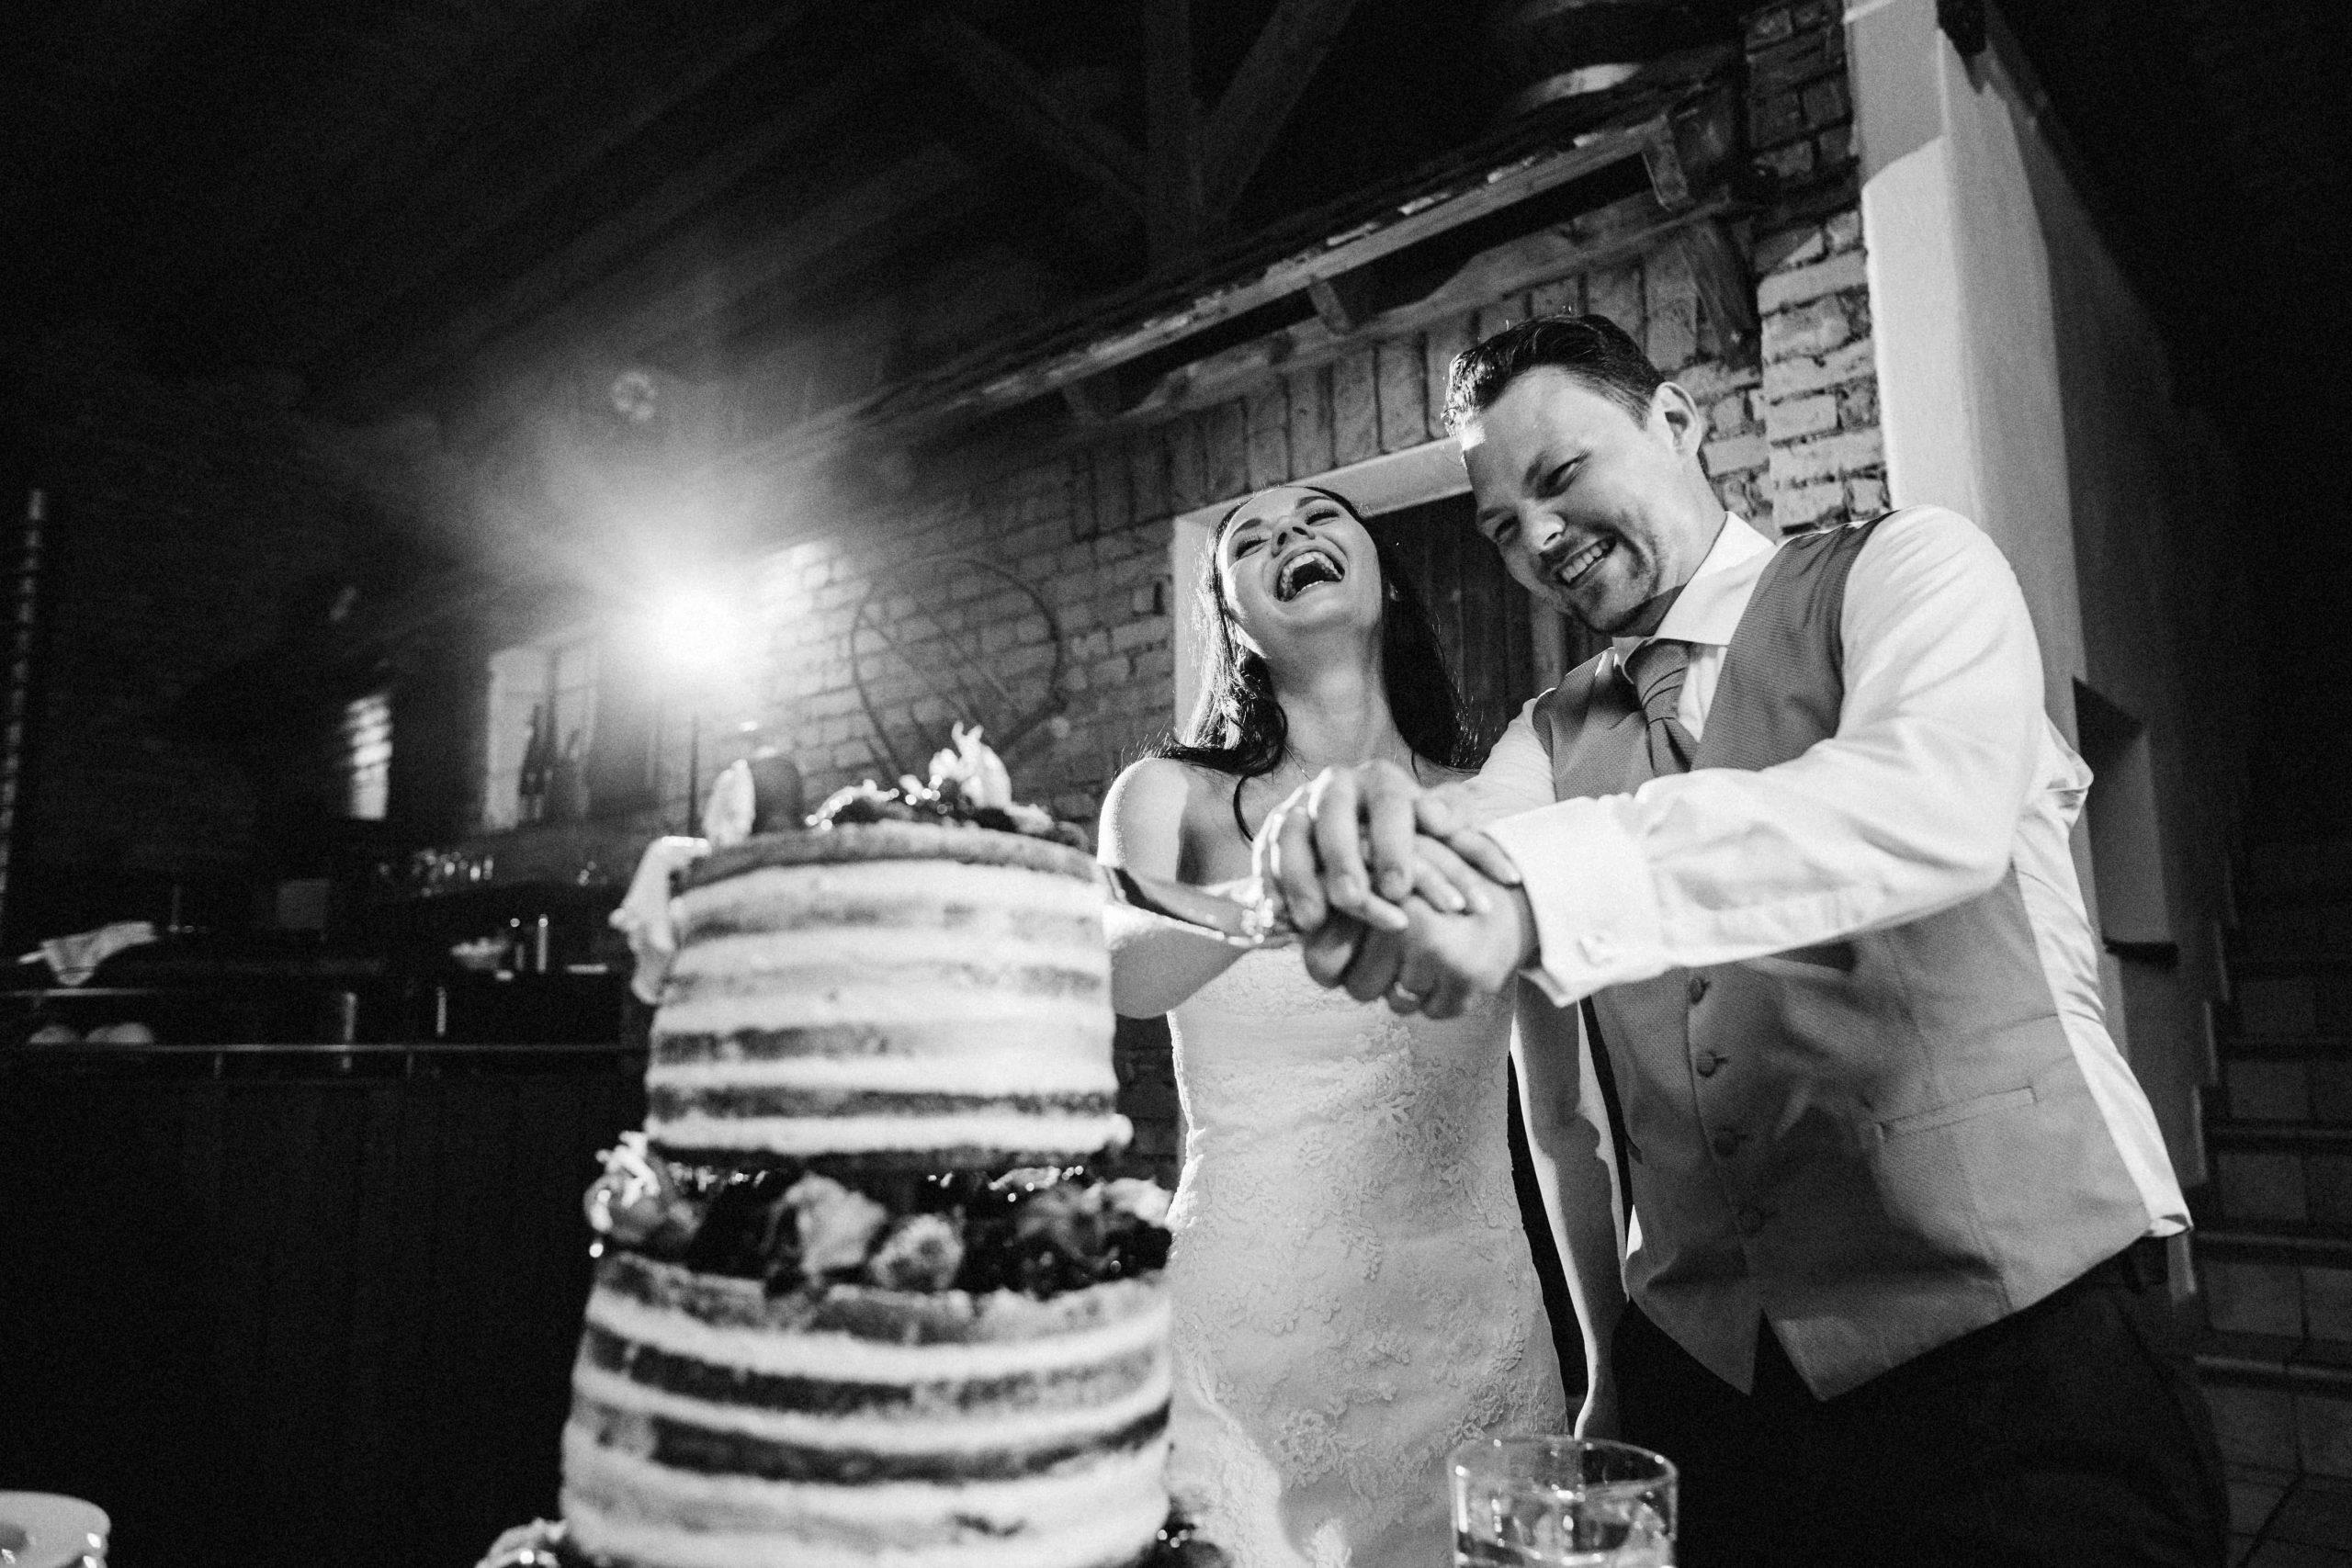 Sabrina und Lukas feiern ihre eigene perfekte Hochzeit - Photo by Franziska Hain Photographie